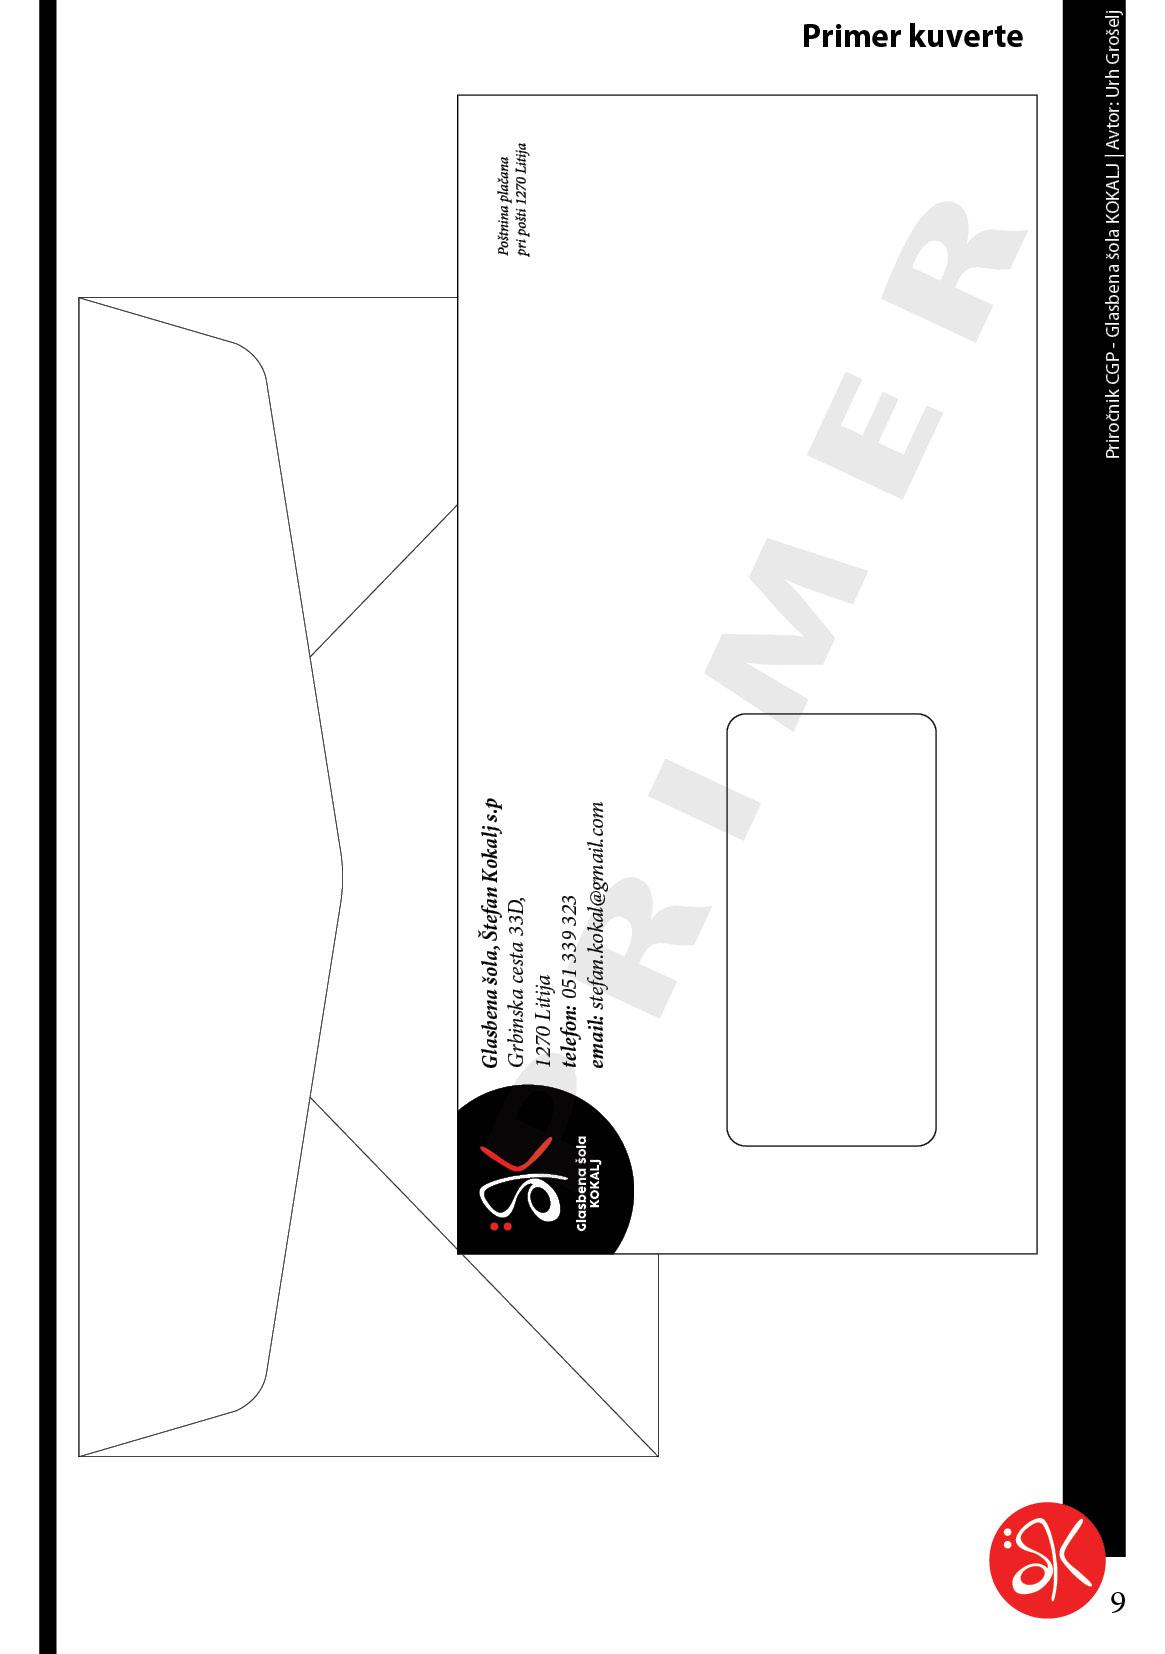 CGP primer kuverte